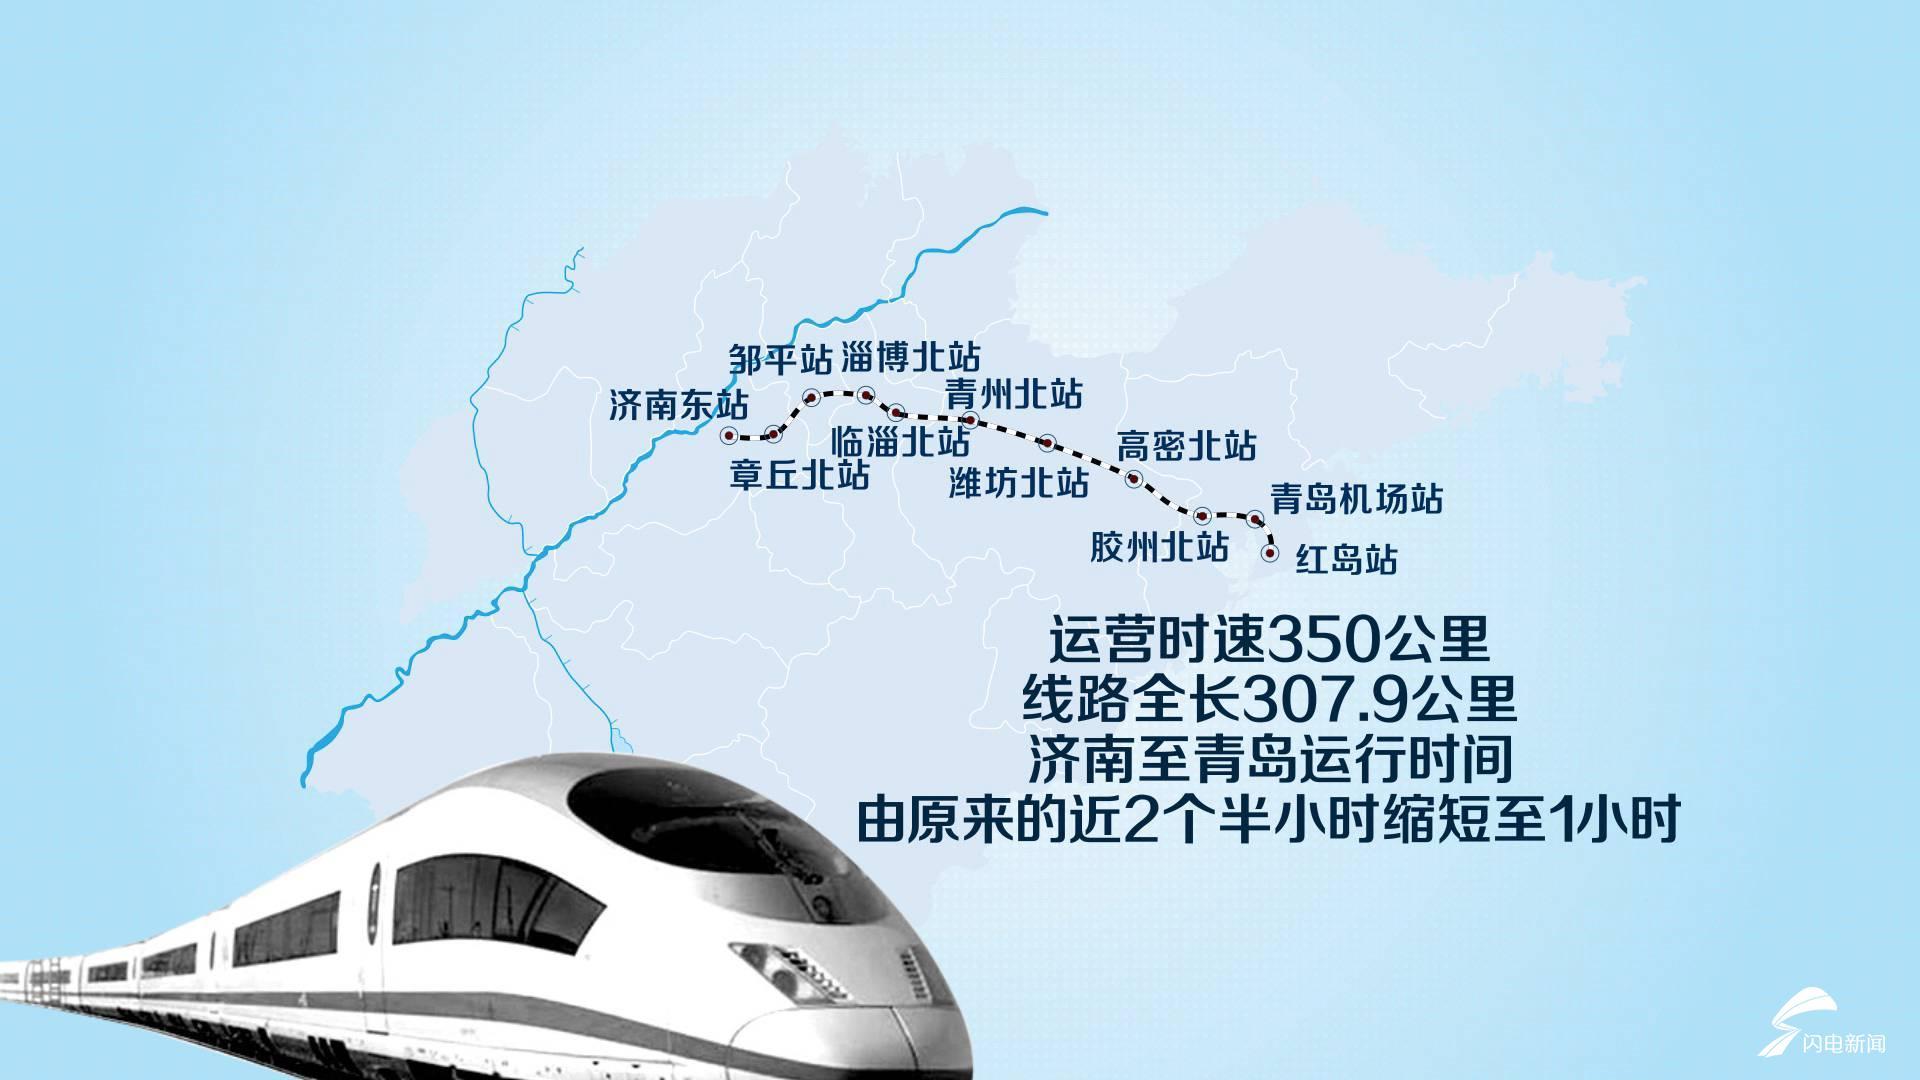 首条地方投资建设高铁将通车 2.5小时北京可达青岛